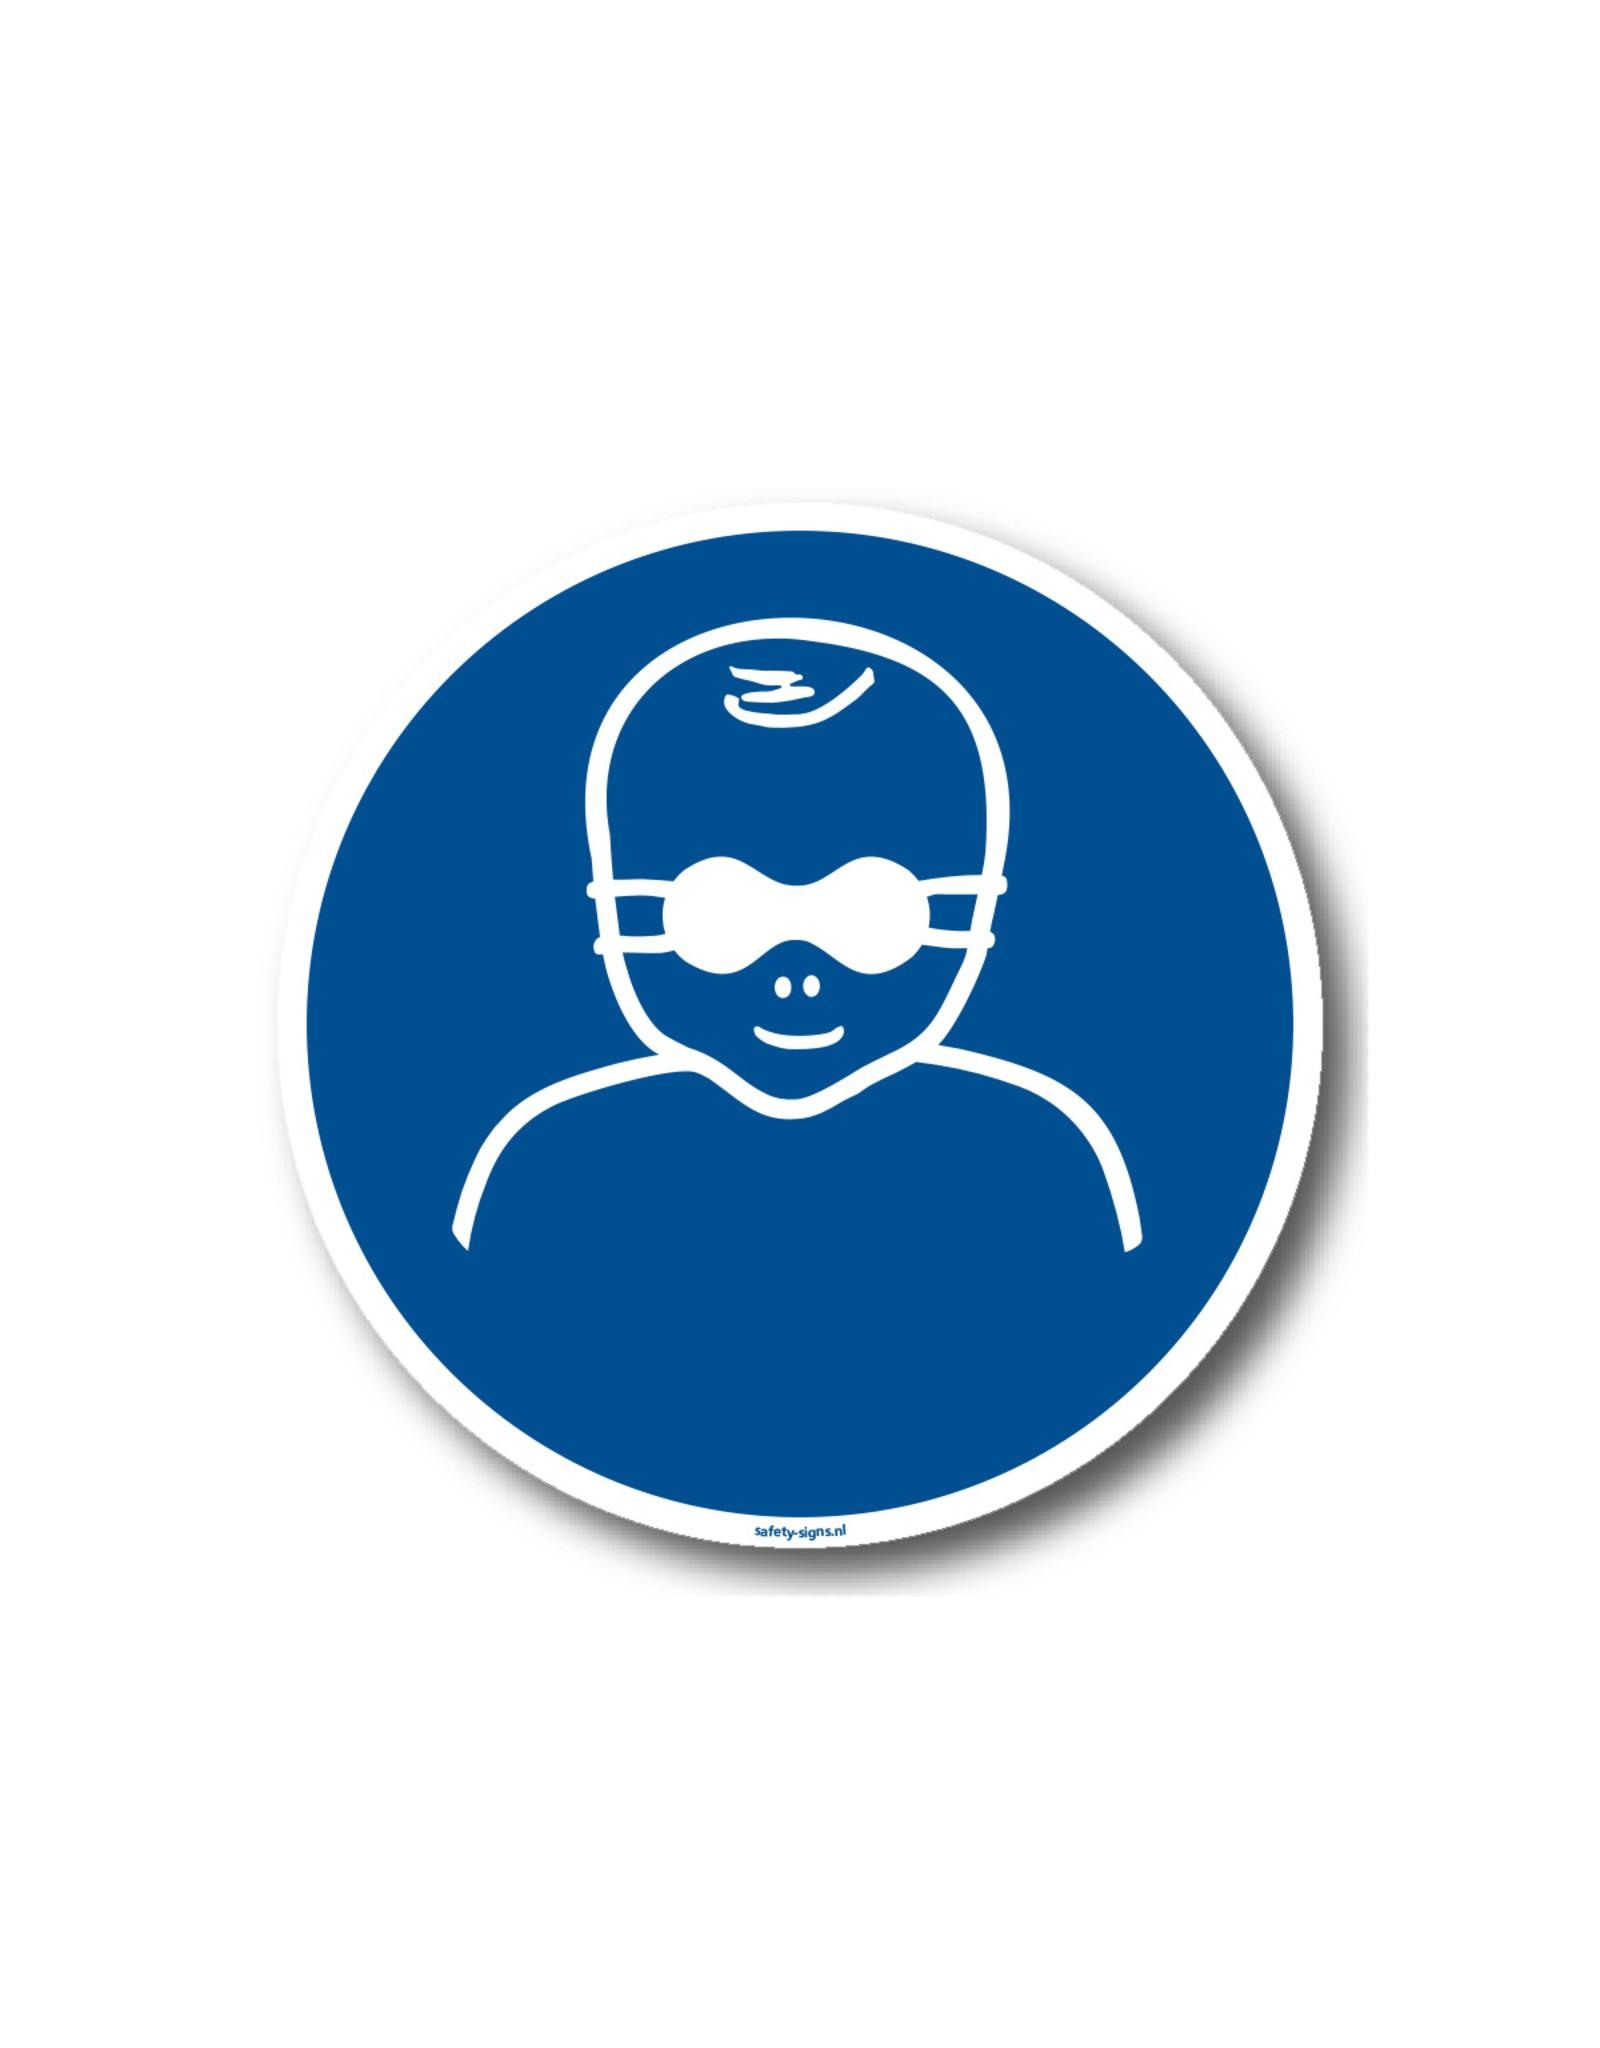 BrouwerSign Pictogram - M025 - Oogbescherming voor kinderen verplicht - ISO 7010